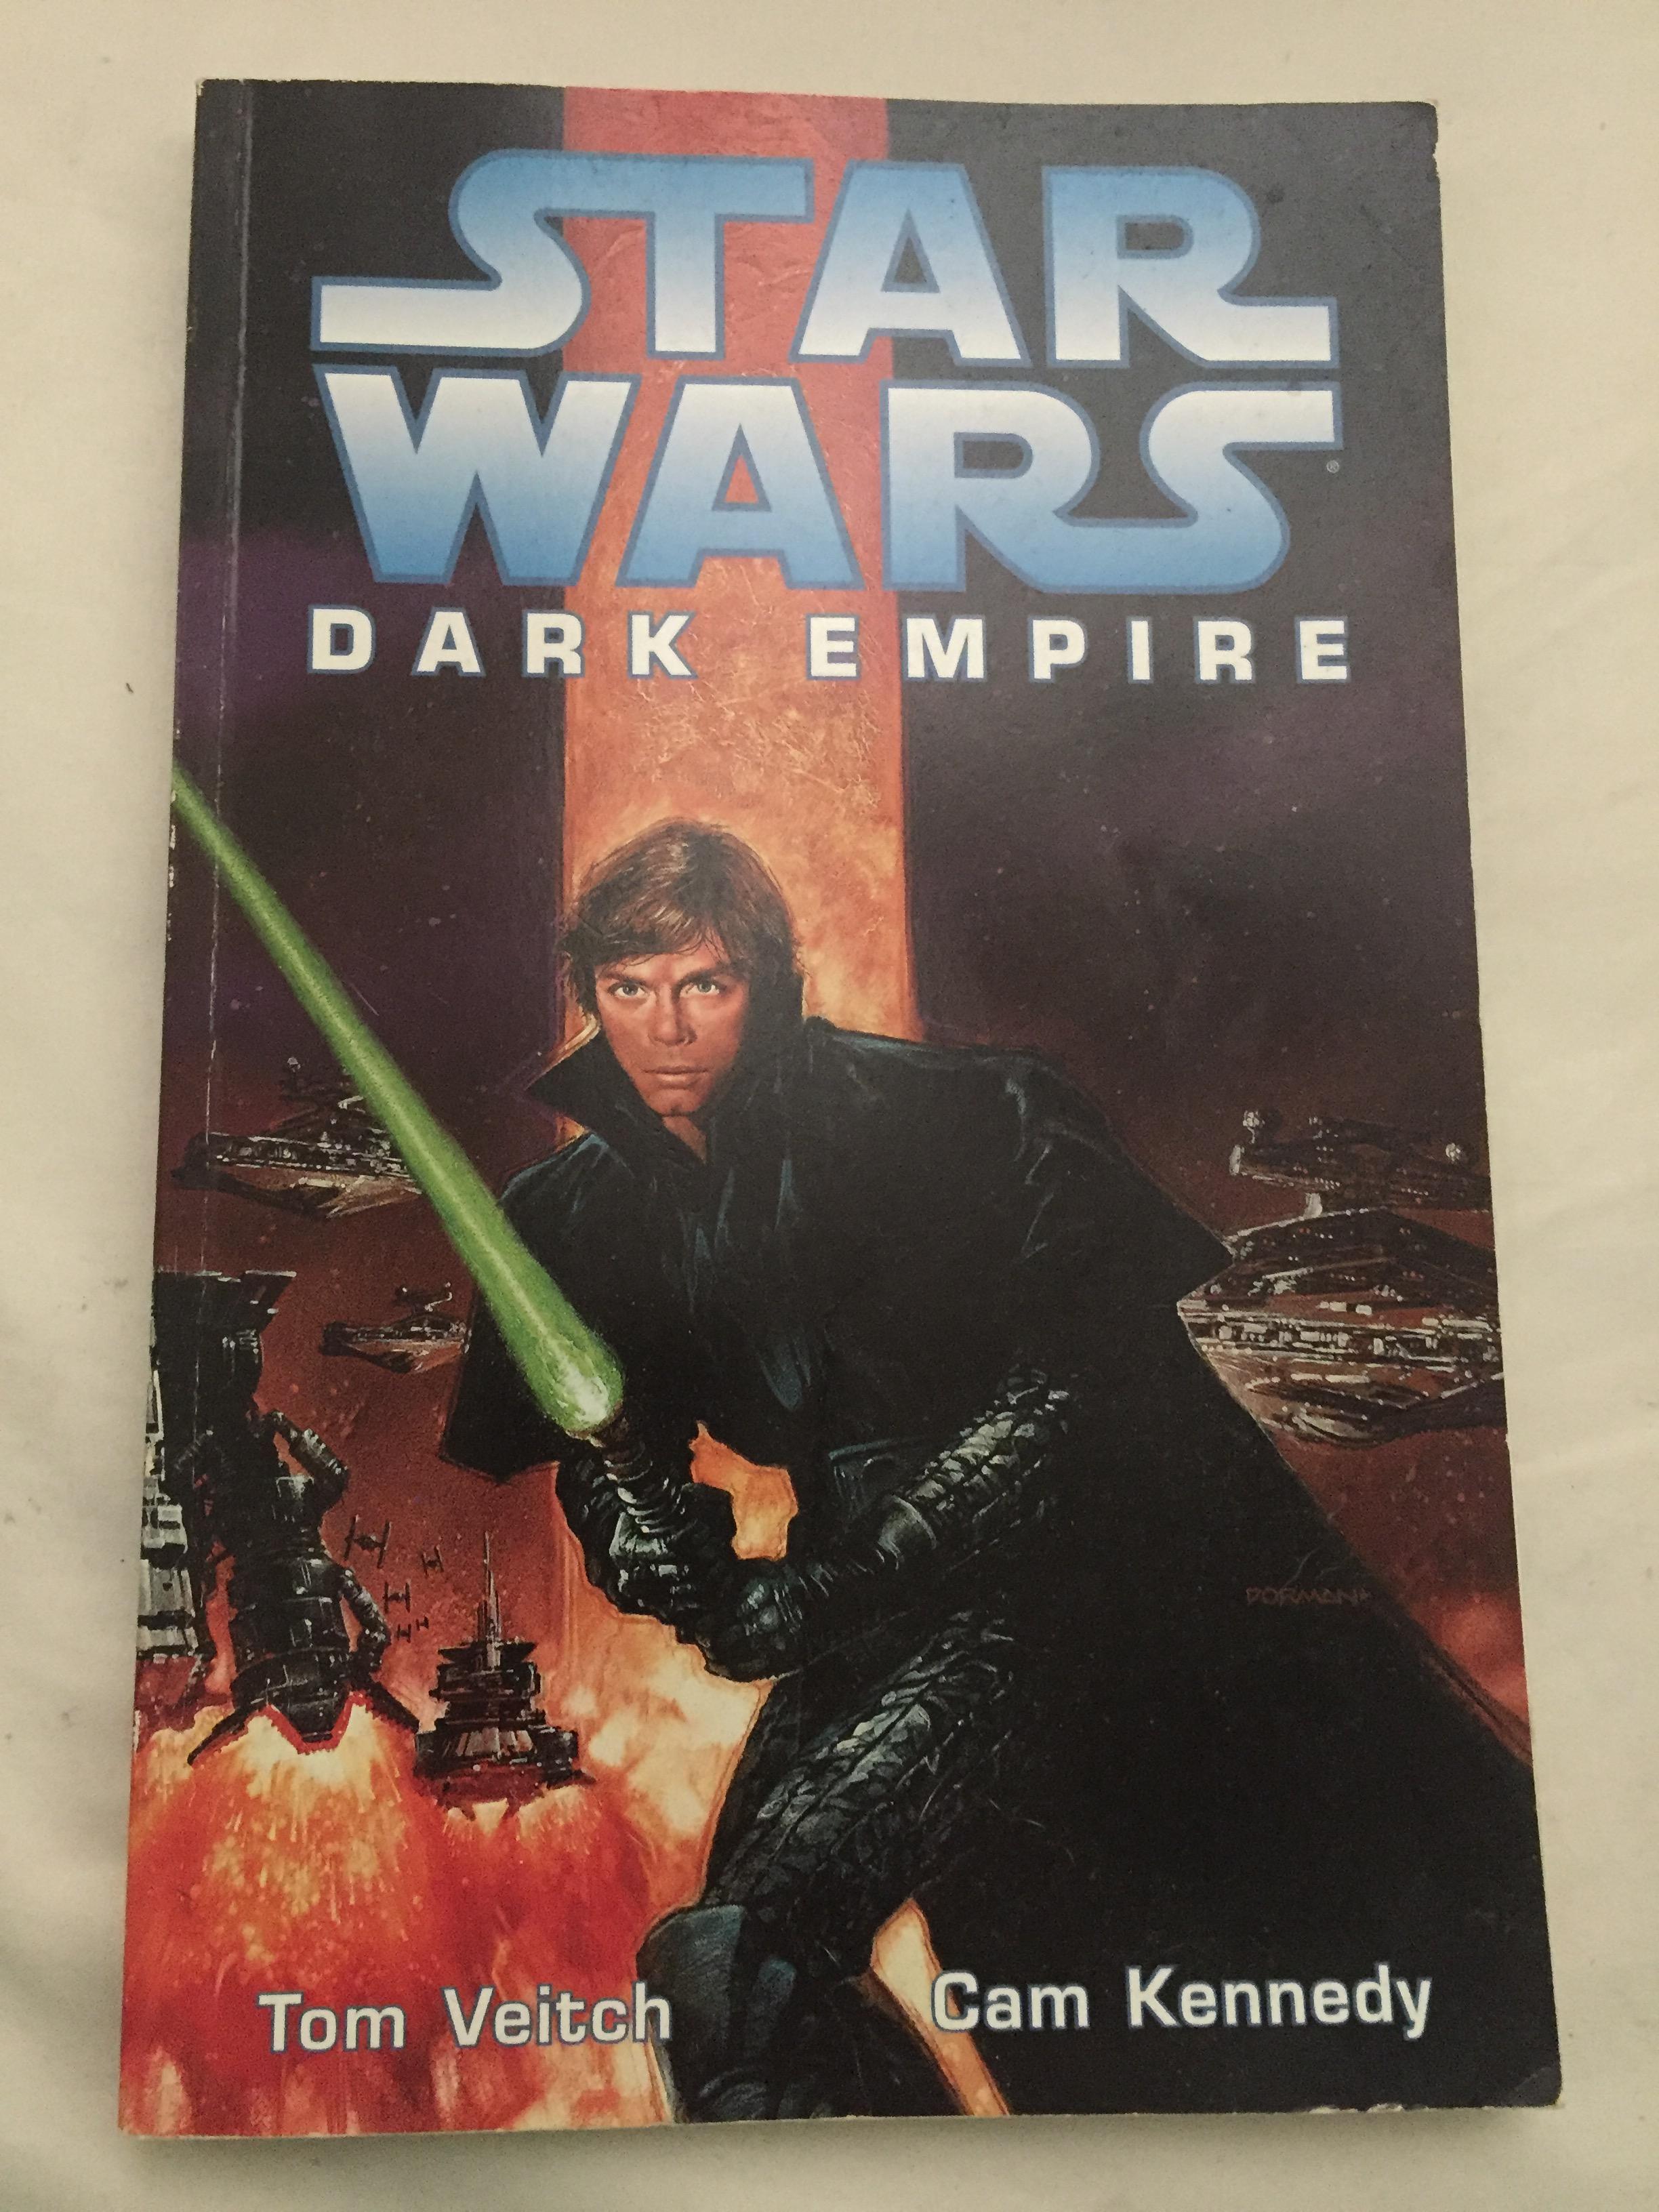 Retroflash – Star Wars Dark Empire